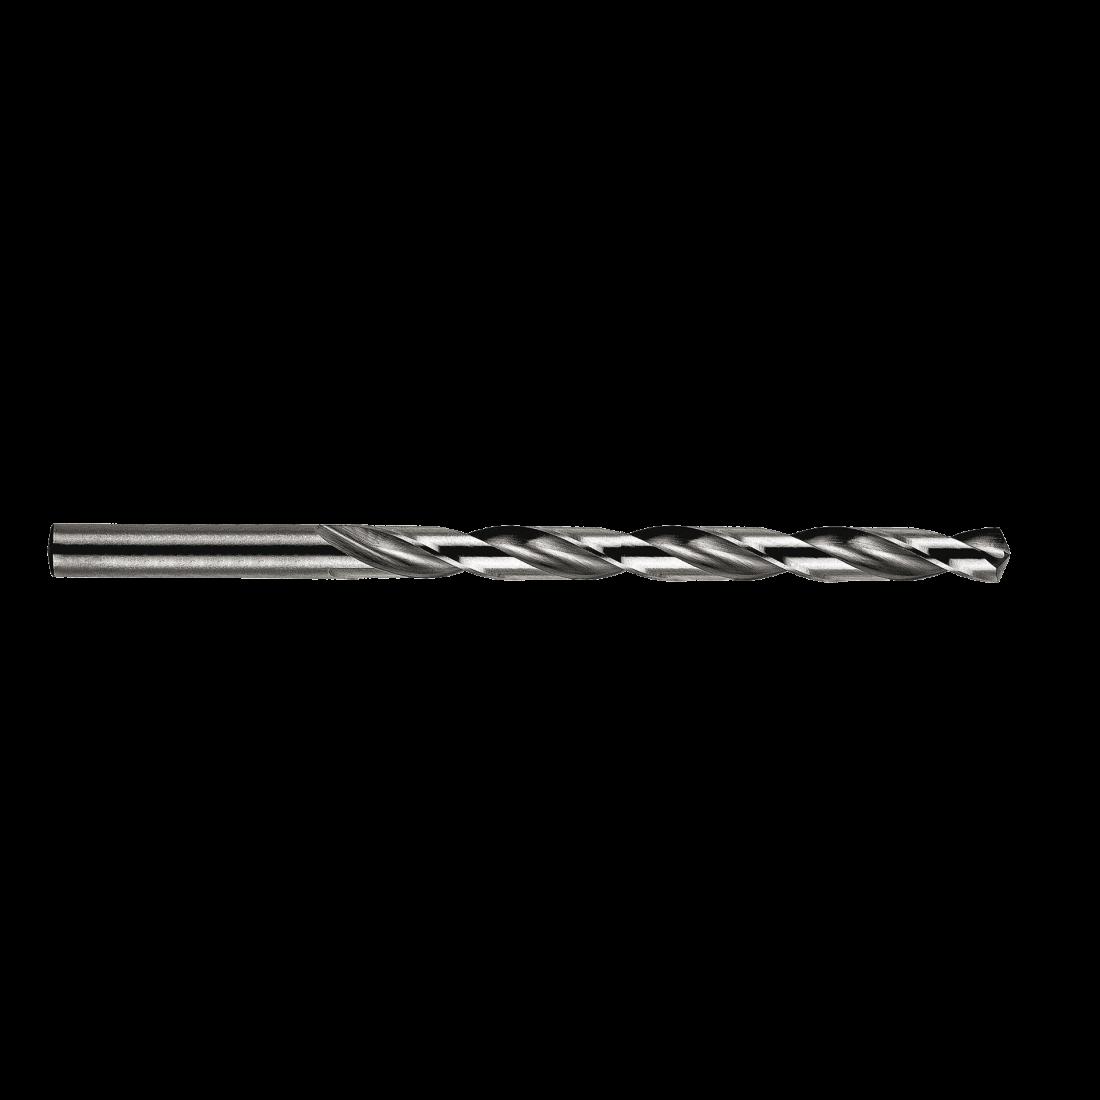 Сверлo по металлу Heller HSS-G Super DIN 340 сверхдлиннoе  2х56х85мм (10шт)